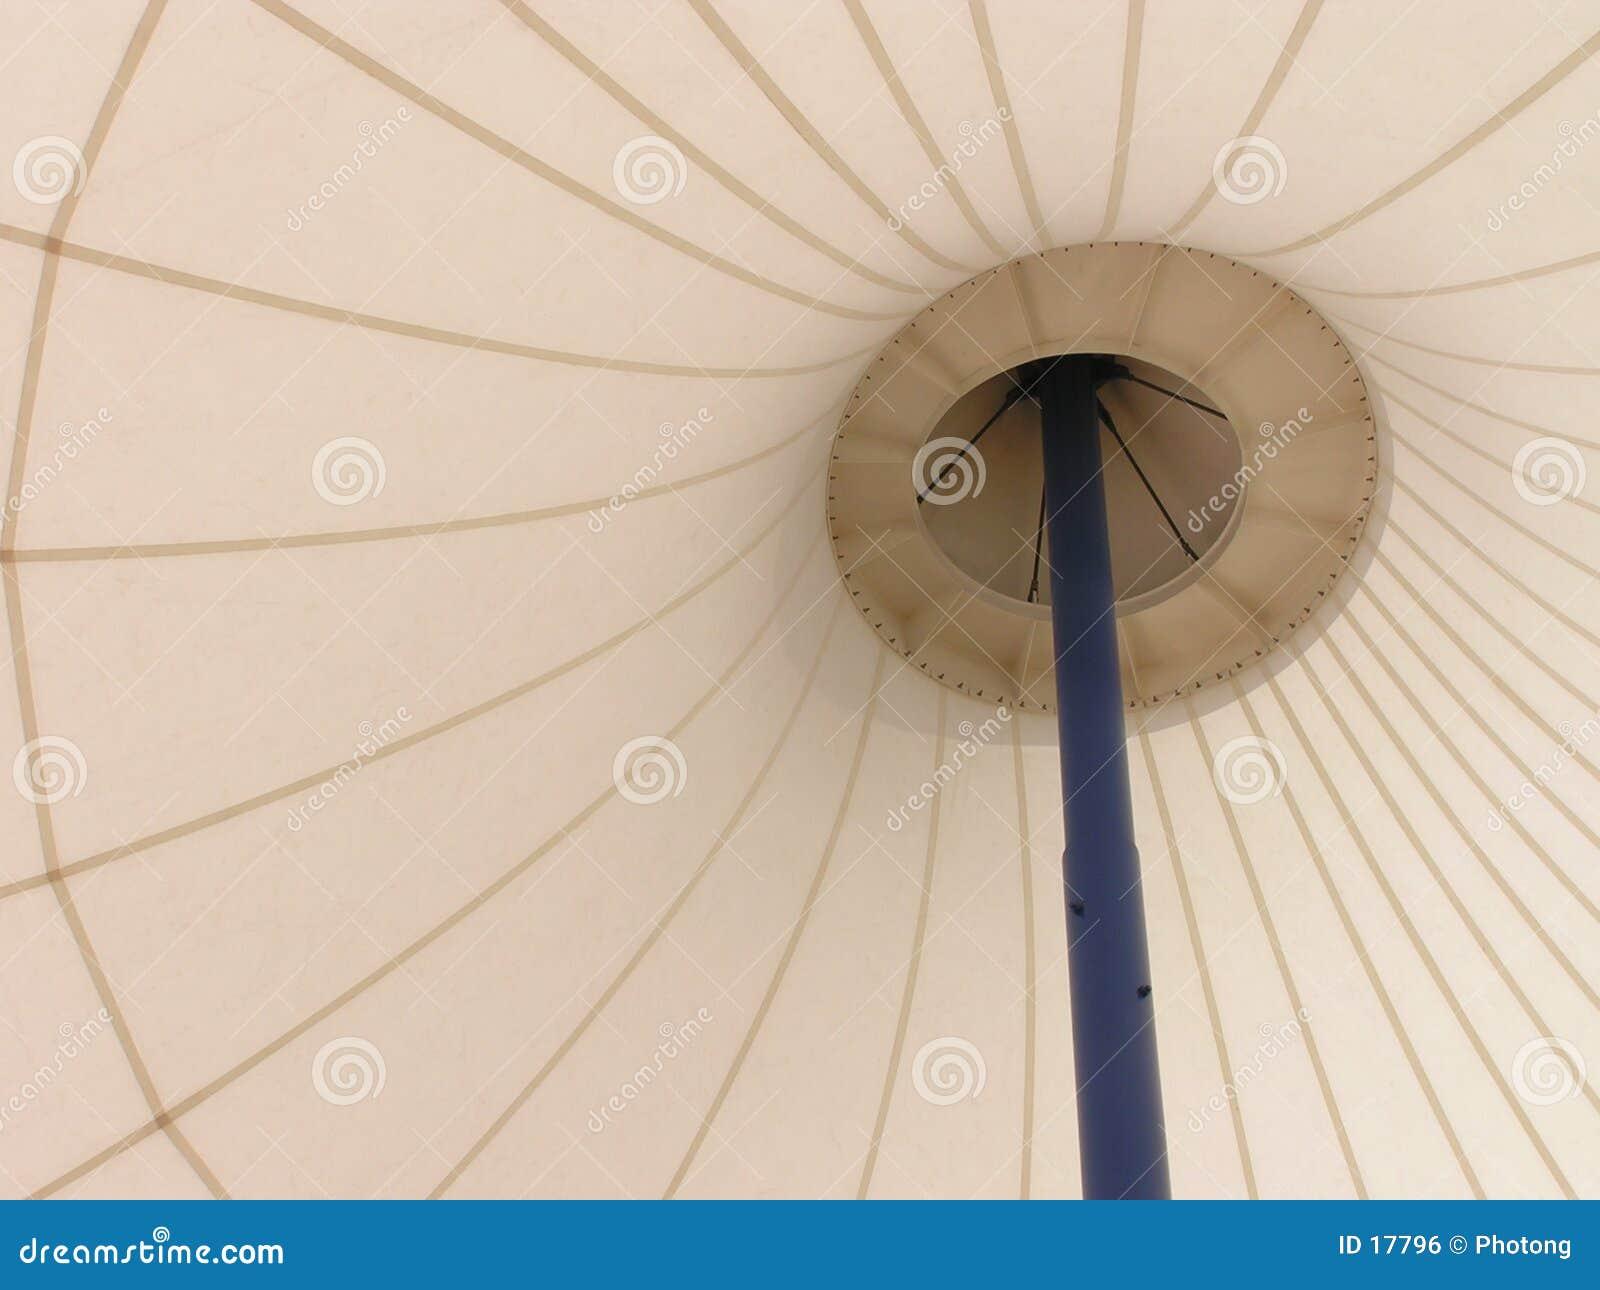 Paraguas-como modelo abstracto